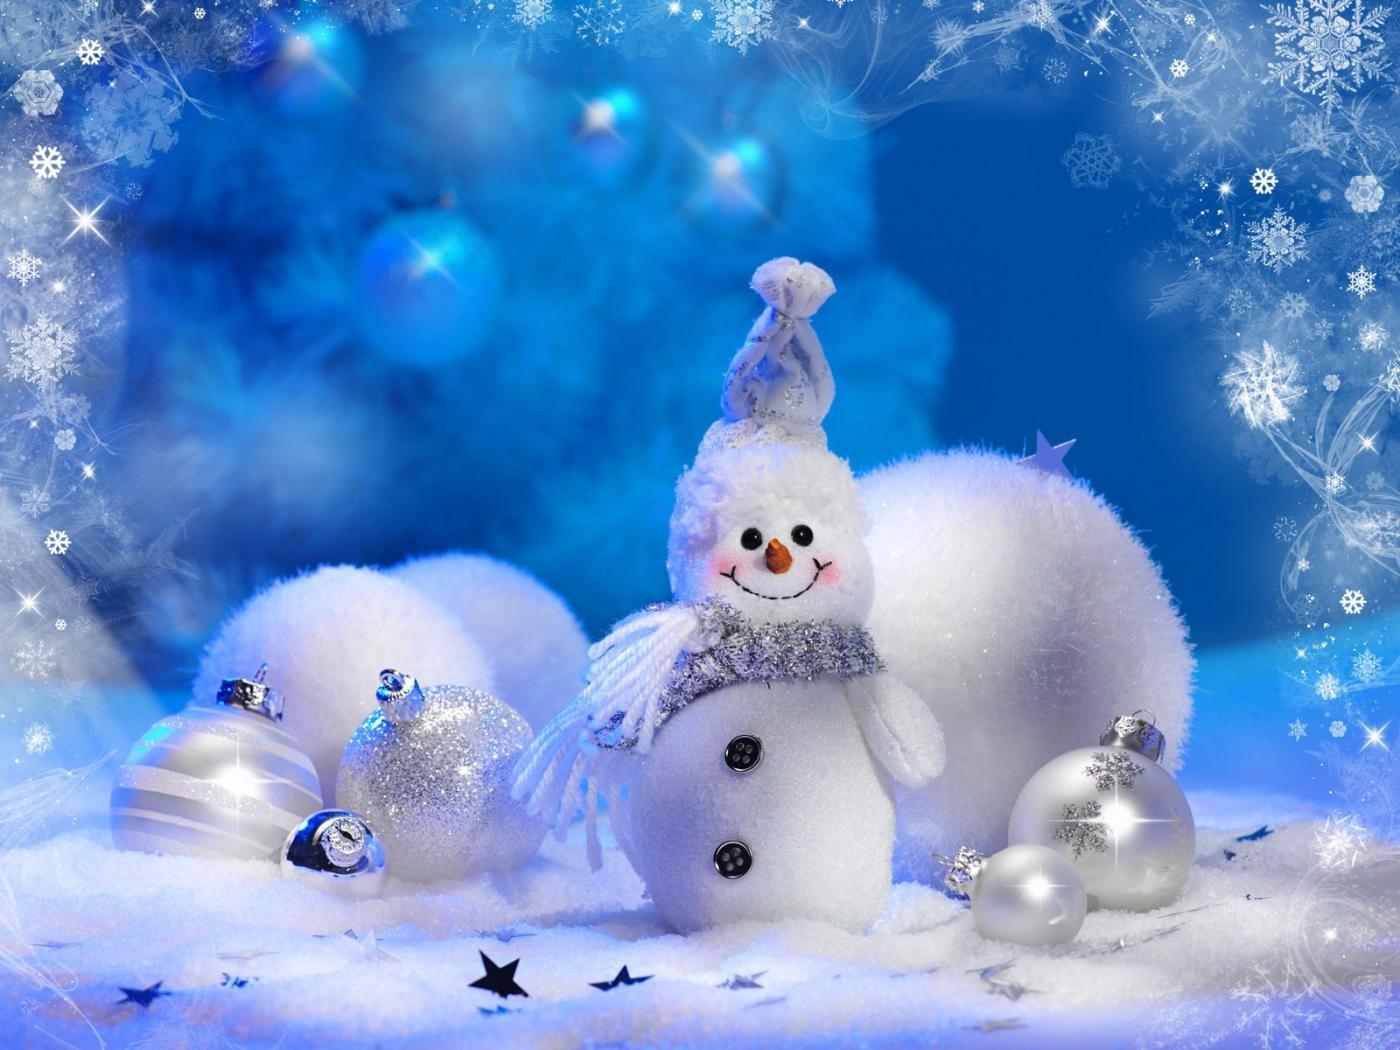 34819 Salvapantallas y fondos de pantalla Año Nuevo en tu teléfono. Descarga imágenes de Vacaciones, Año Nuevo, Juguetes, Muñeco De Nieve gratis